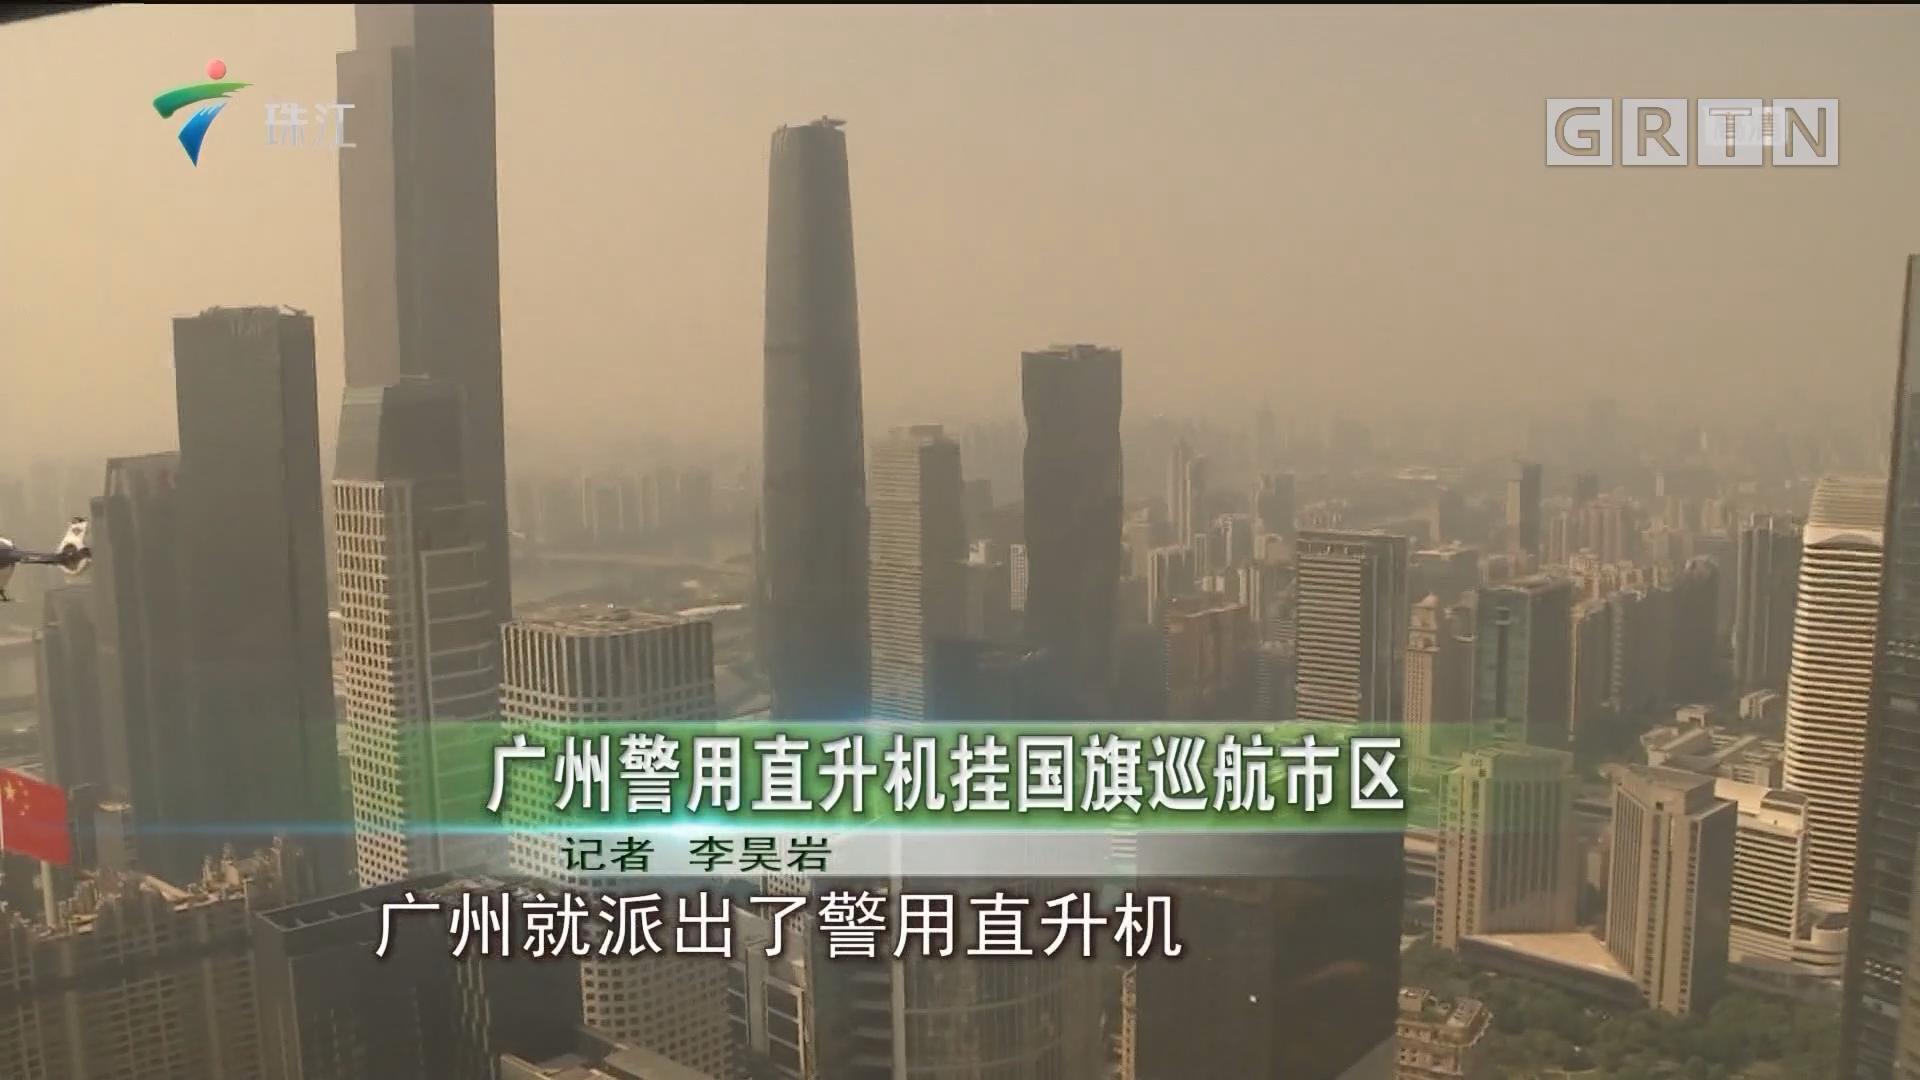 广州警用直升机挂国旗巡航市区